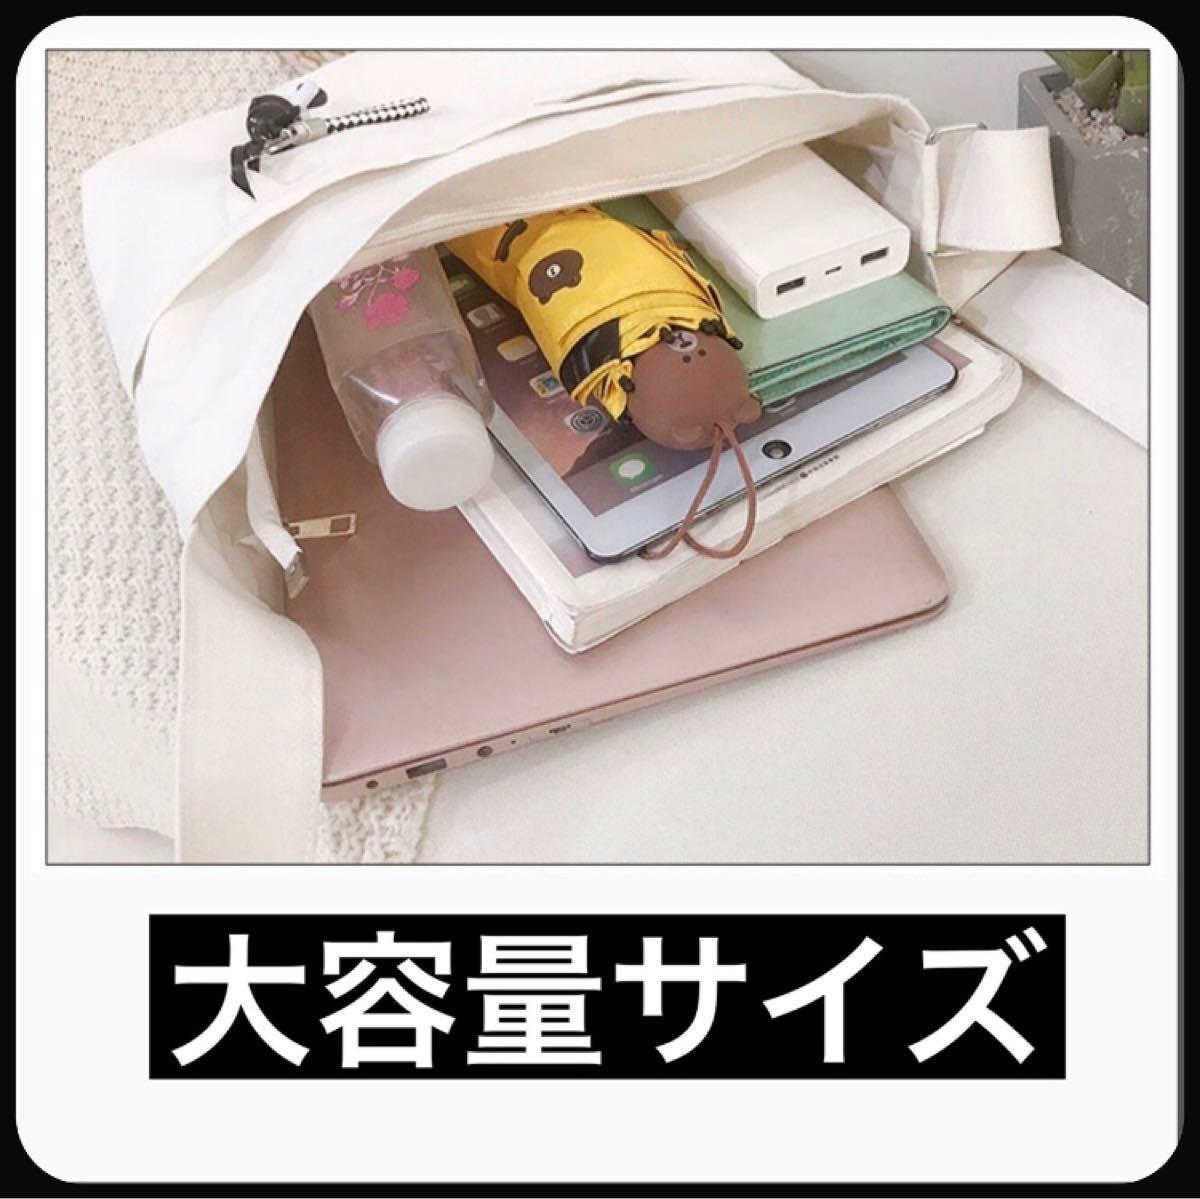 くじみ様専用ページです☆キャンパスバッグ 白